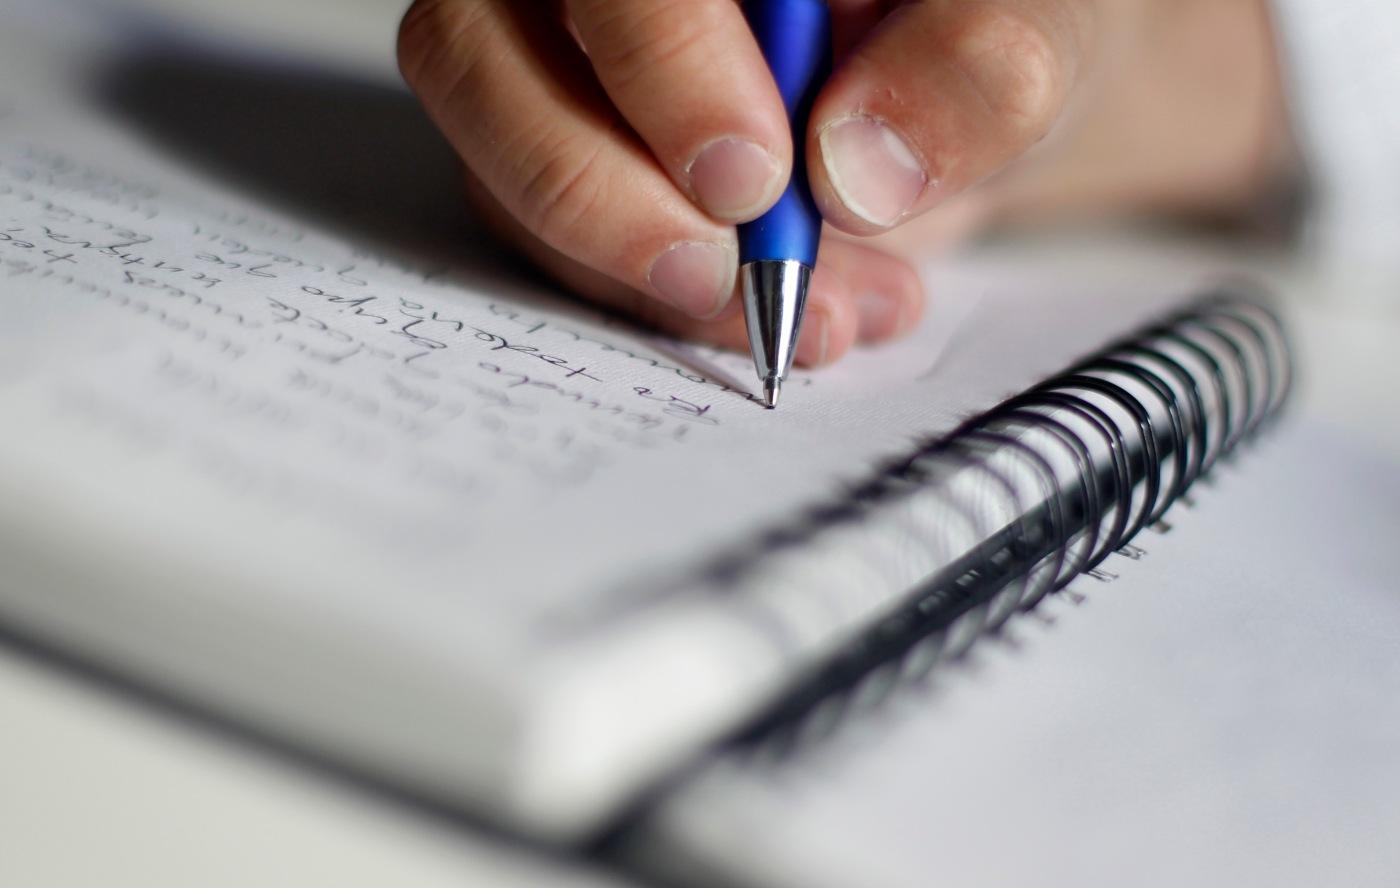 Por dónde empezar a escribir un CV? – Coaching Virtual